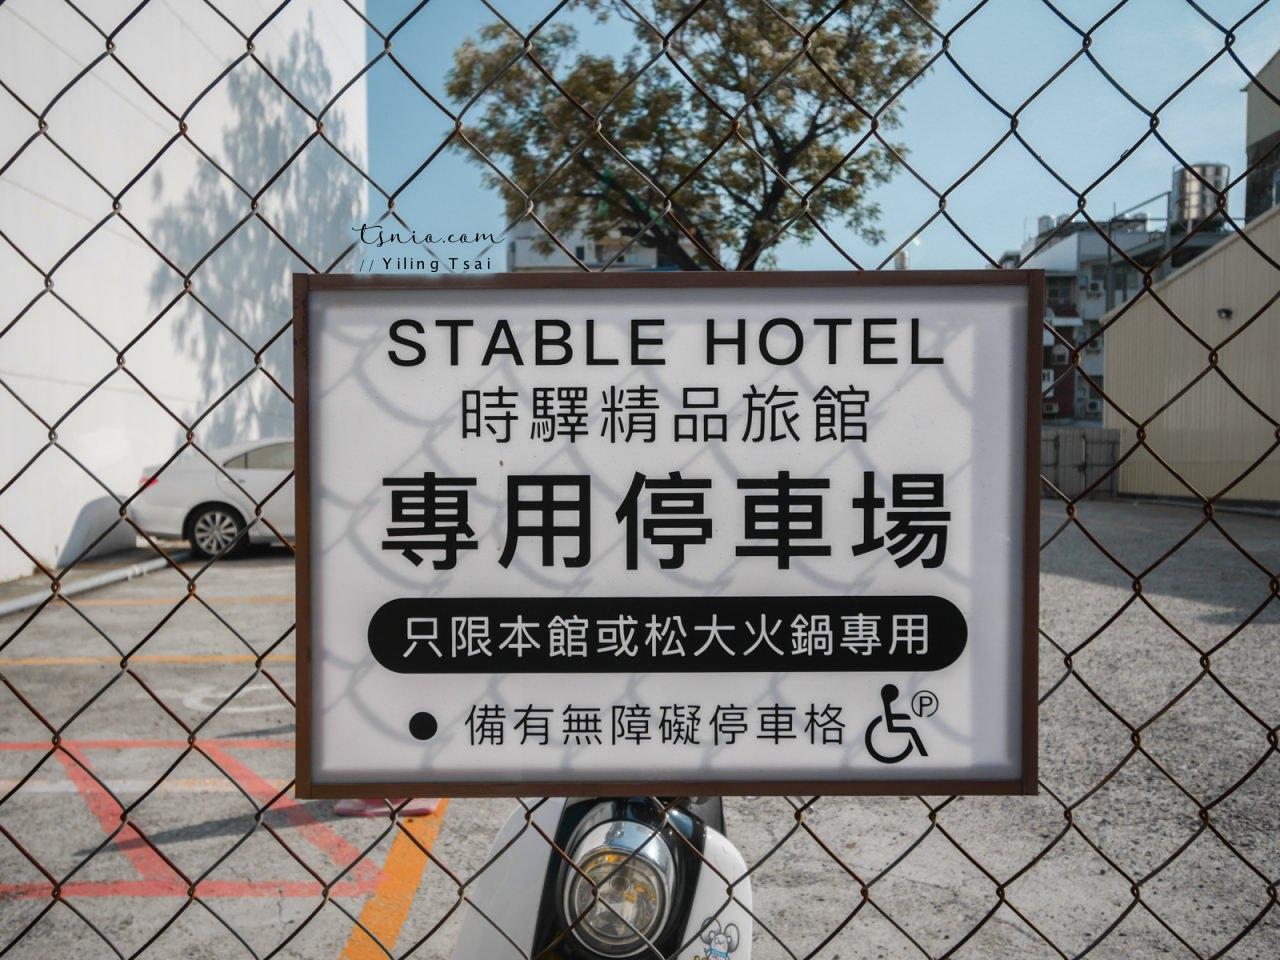 台南安平住宿推薦  Stable Hotel 時驛精品旅館 現代工業風時尚台南飯店